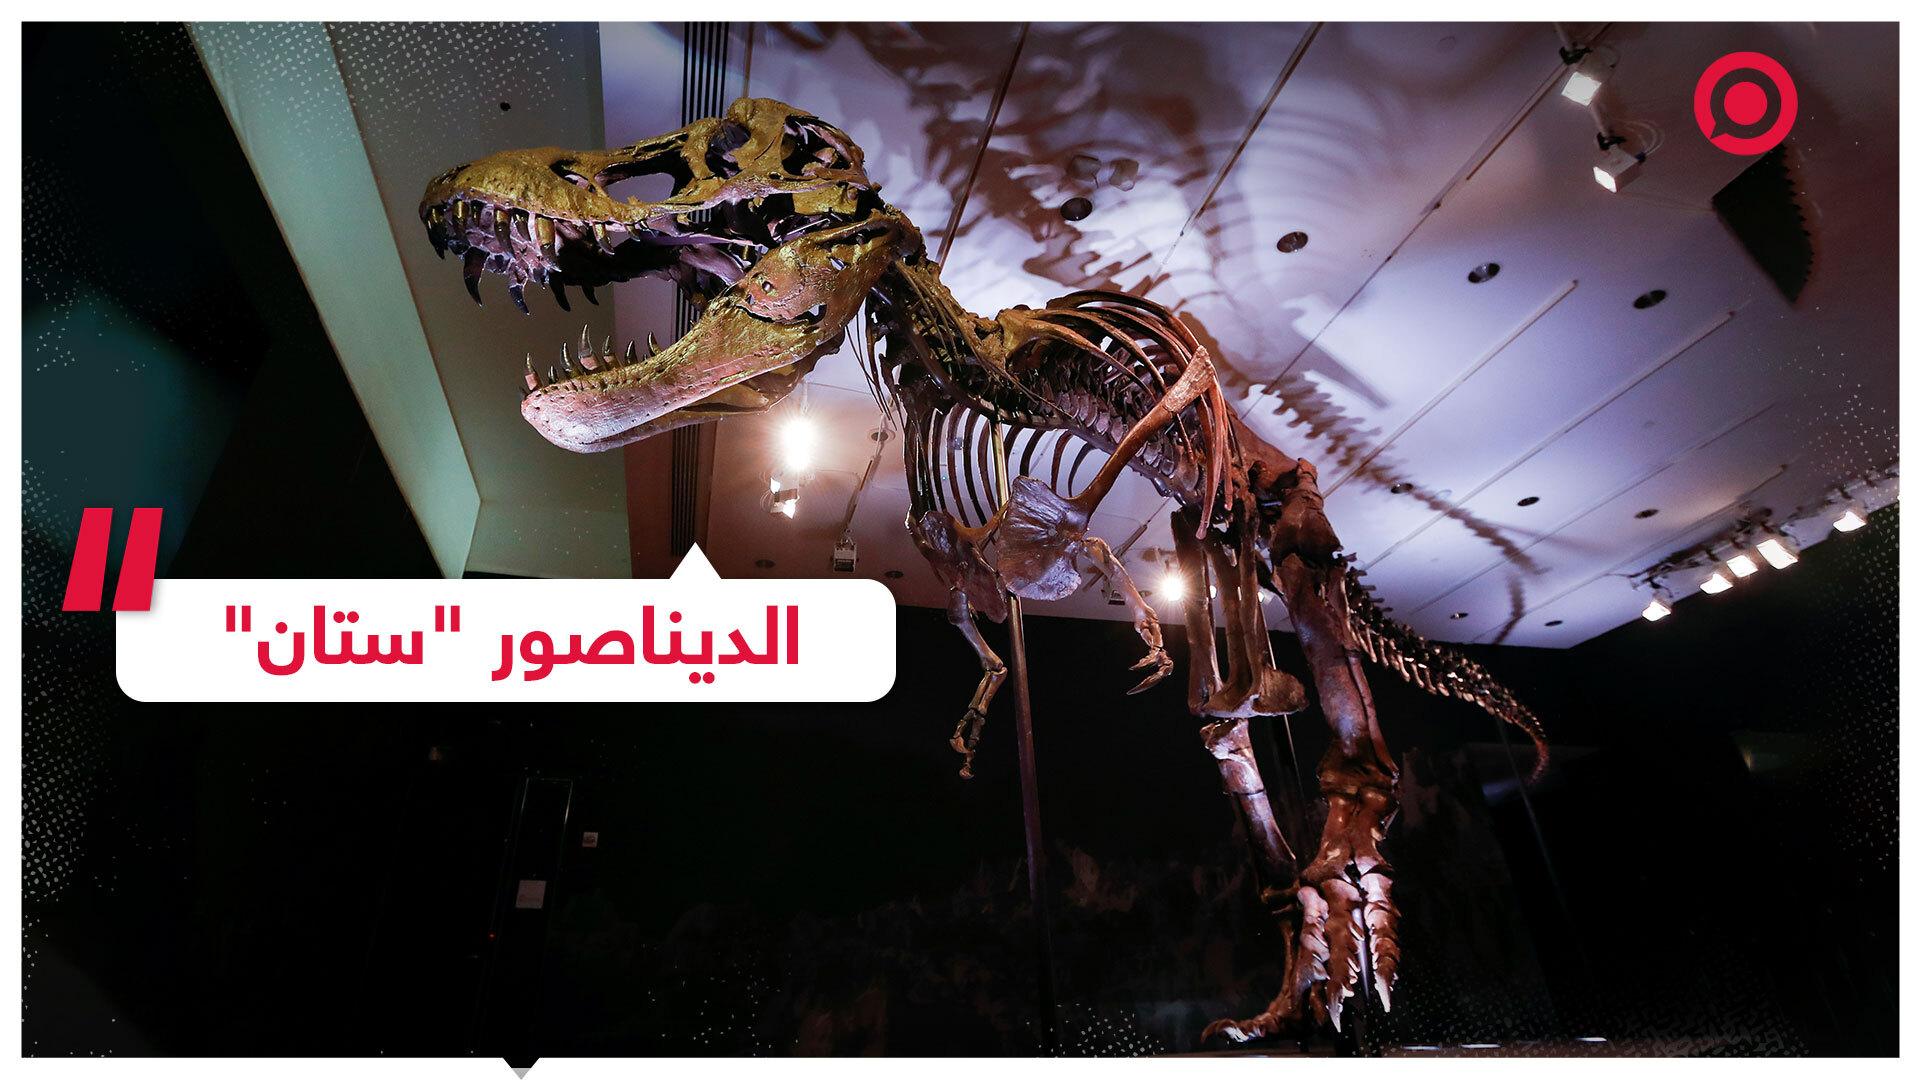 بيع هيكل الديناصور